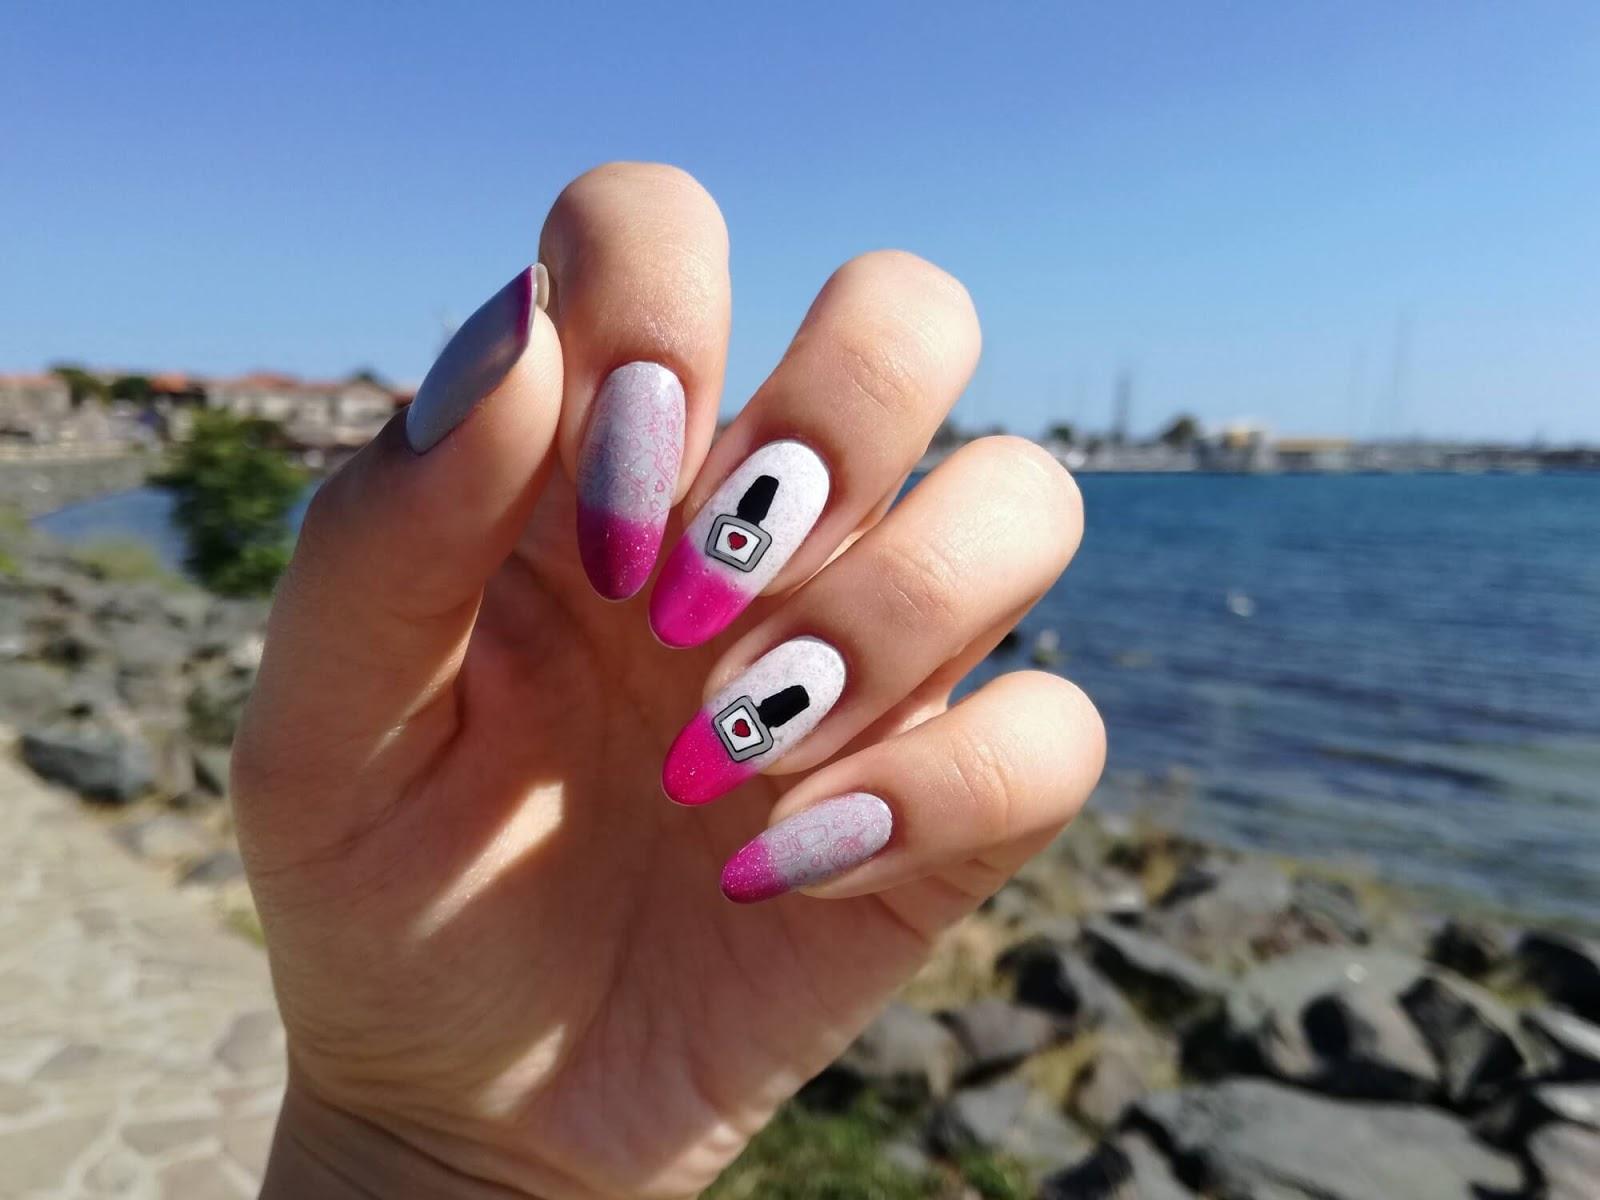 paznokcie zmieniające kolor - biały w róż